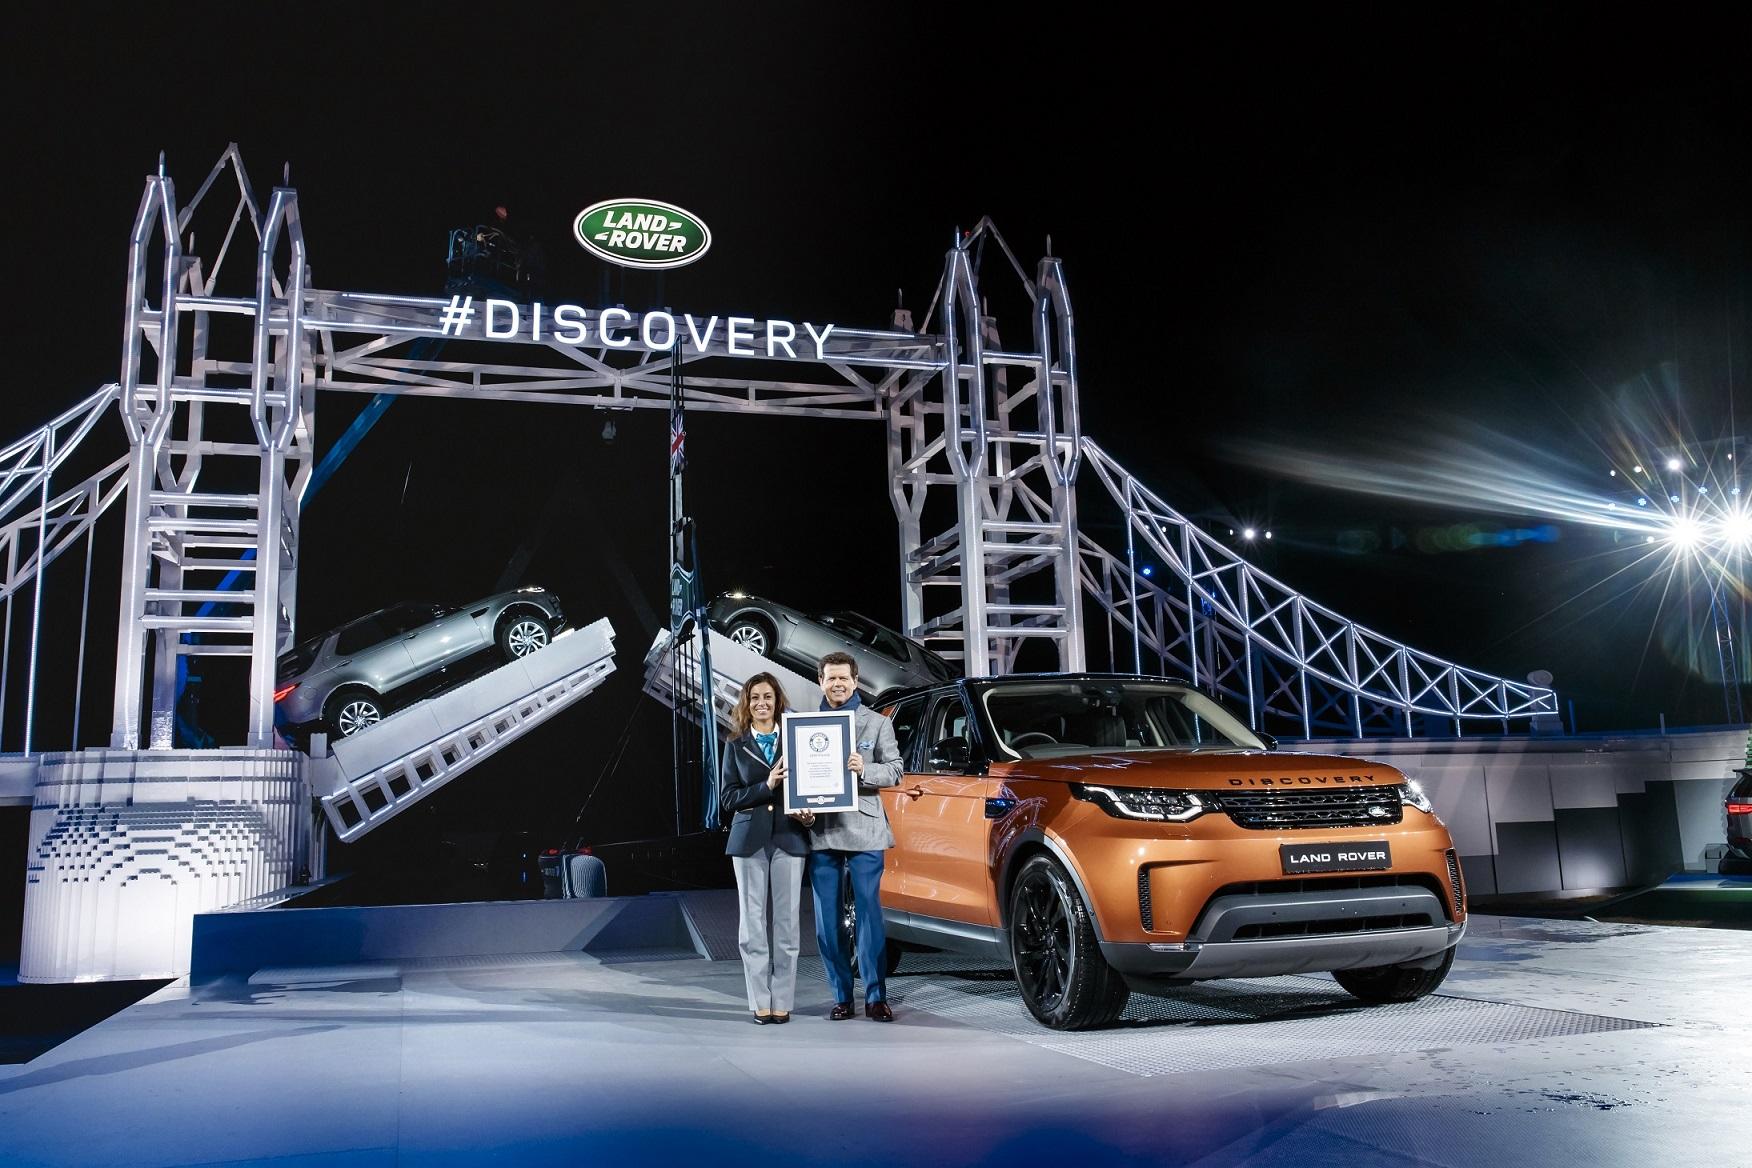 """路虎全球设计总监哲芮勋(Gerry McGovern)先生表示: """"全新一代发现重新定义了大型豪华SUV。路虎设计与工程团队彻底颠覆了发现车型的设计基因,全力打造出一款客户高度向往的集极致多功能性与强悍全地形能力于一身的豪华SUV。"""""""